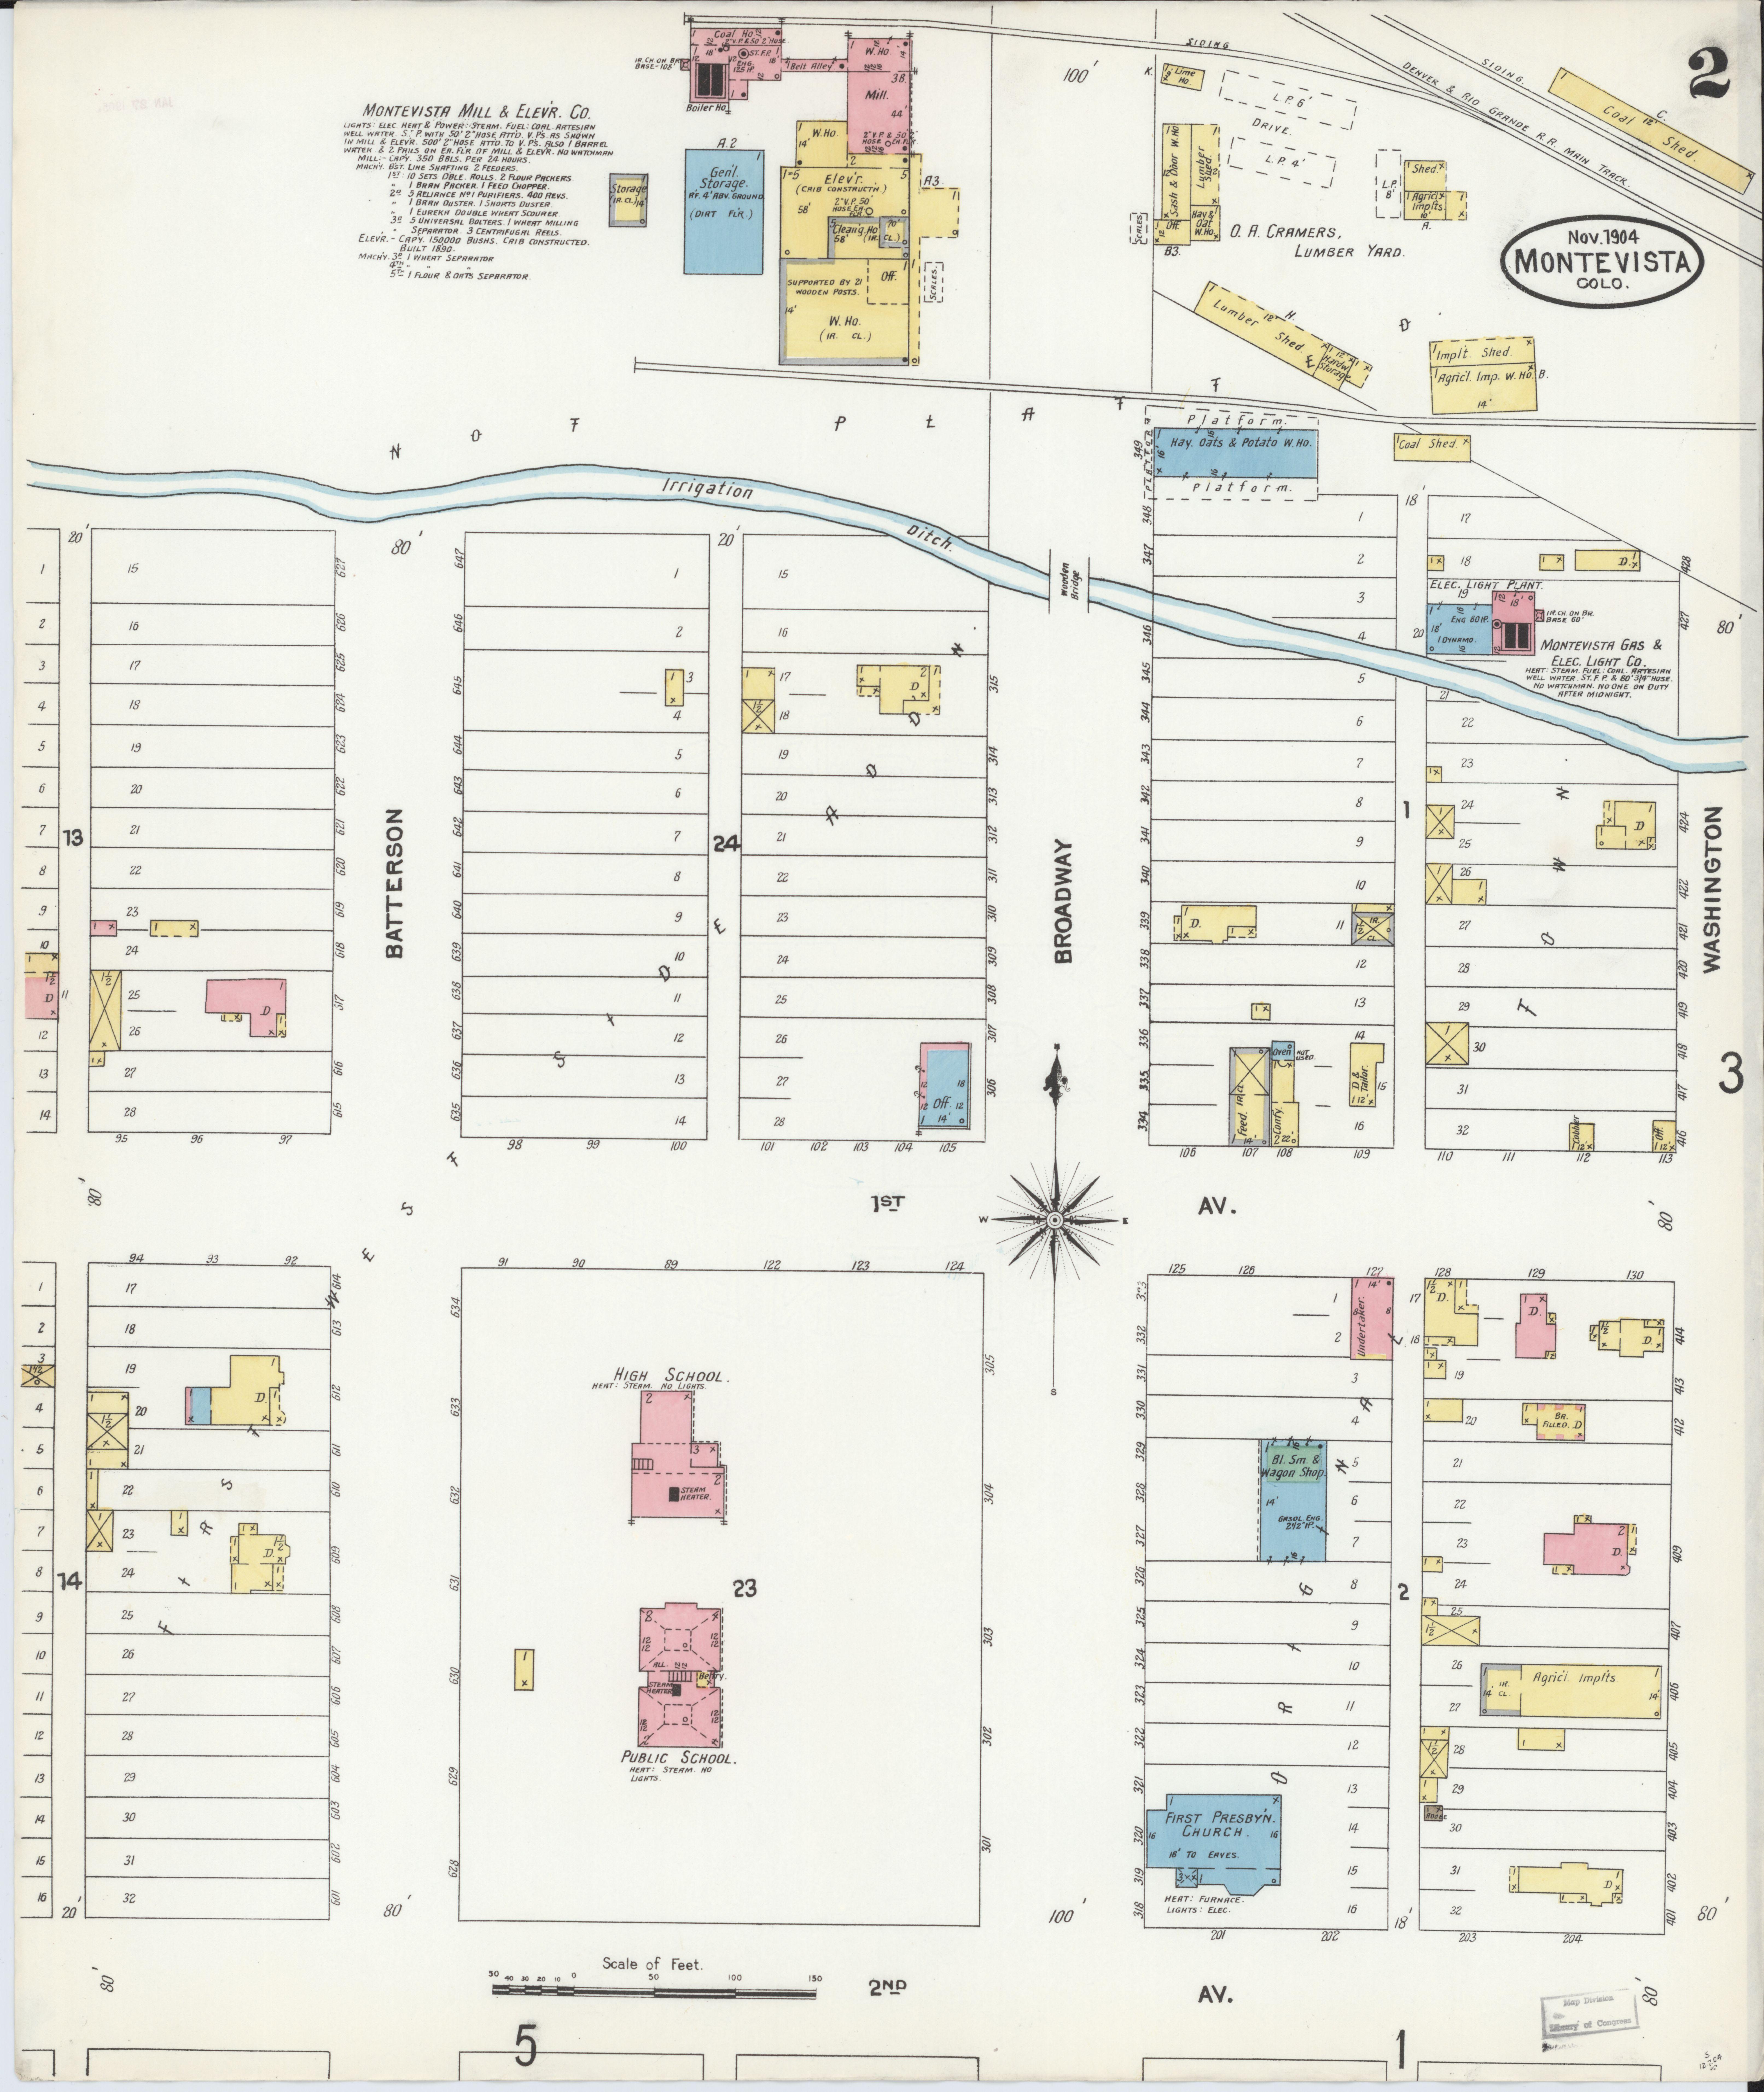 File Sanborn Fire Insurance Map From Monte Vista Rio Grande County